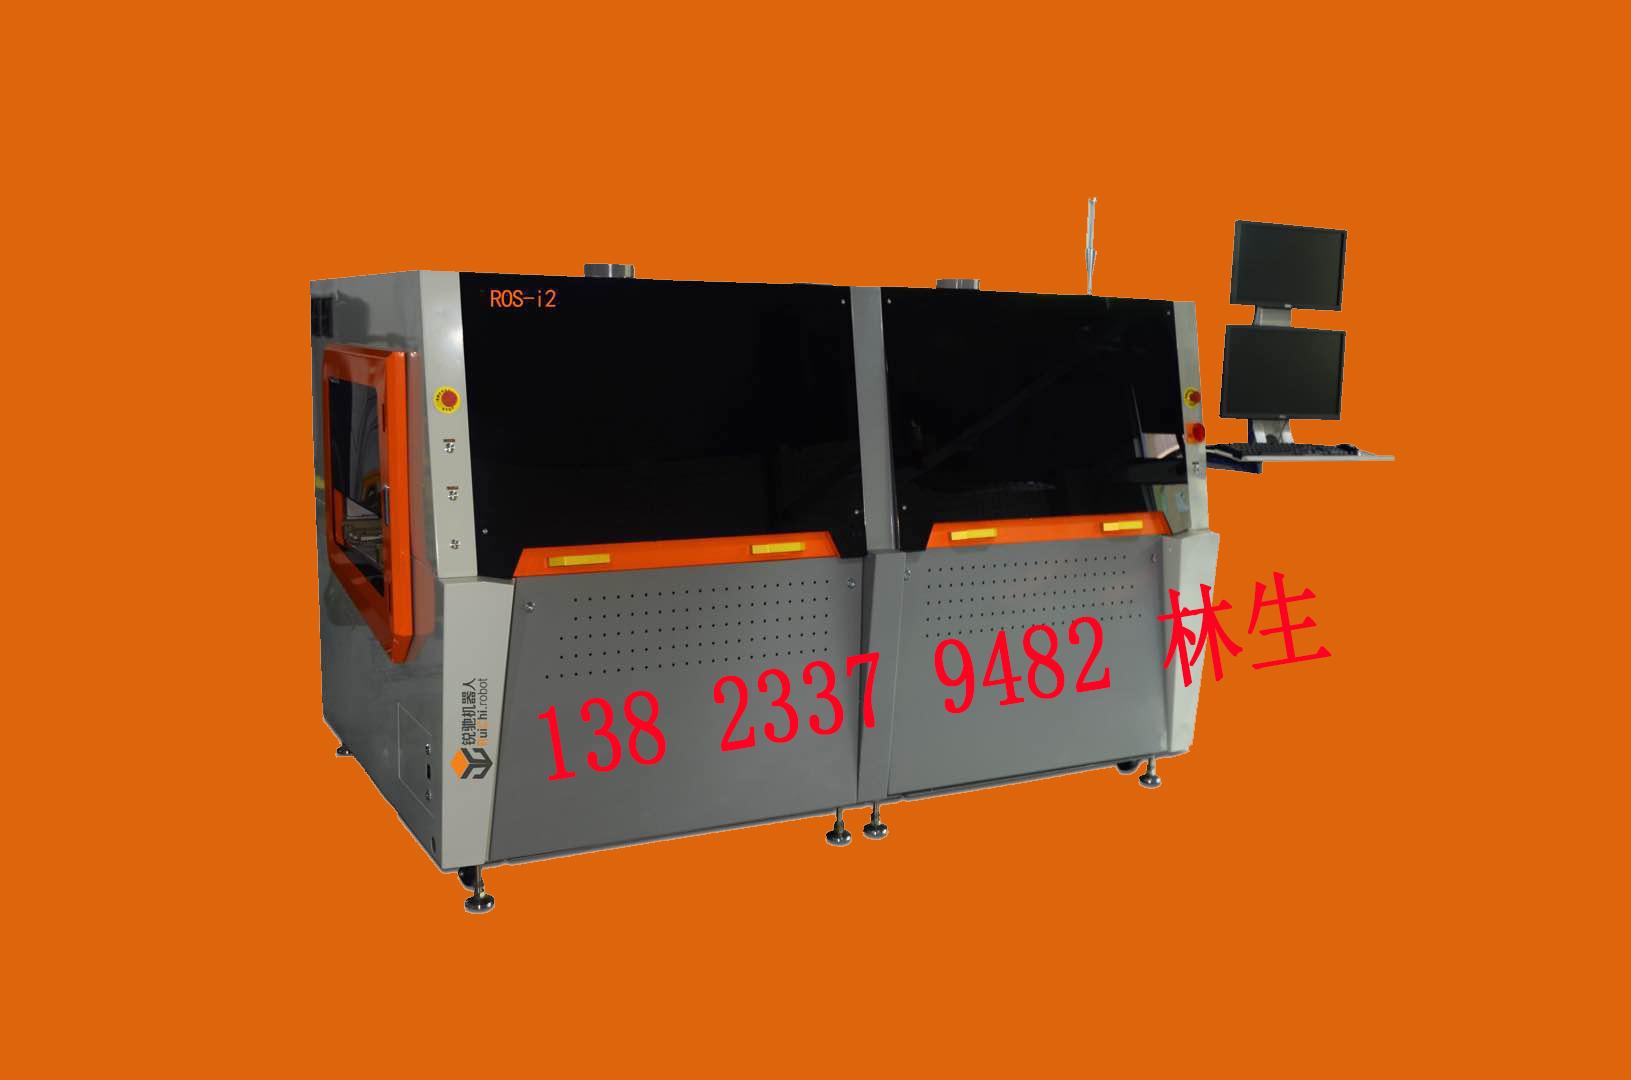 ROS-i2 在线双头选择焊